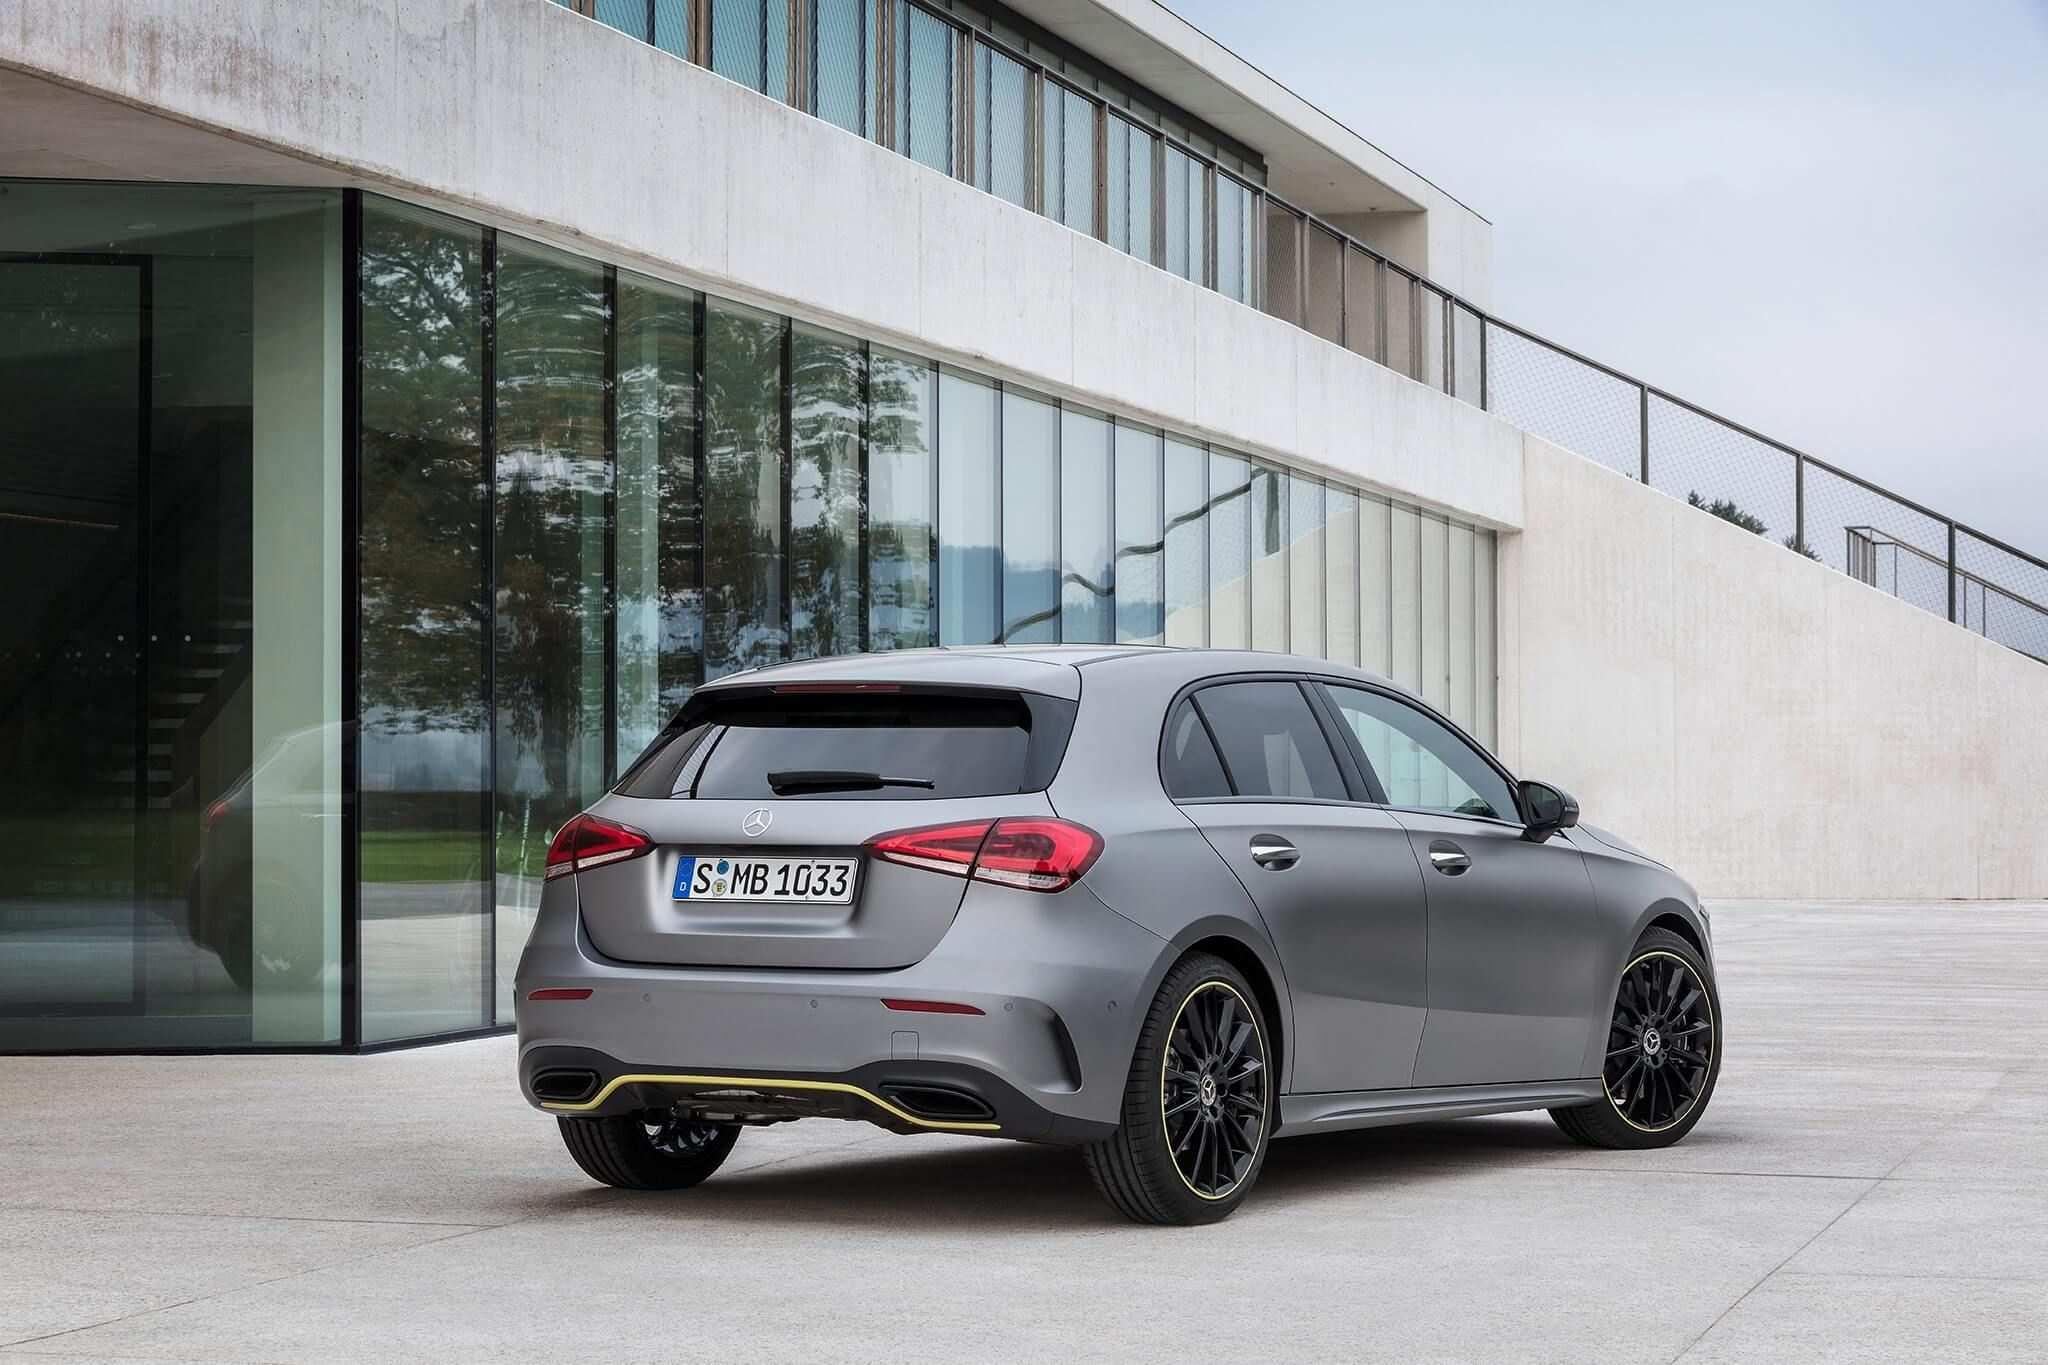 84 Great Mercedes Hatchback 2020 Engine for Mercedes Hatchback 2020